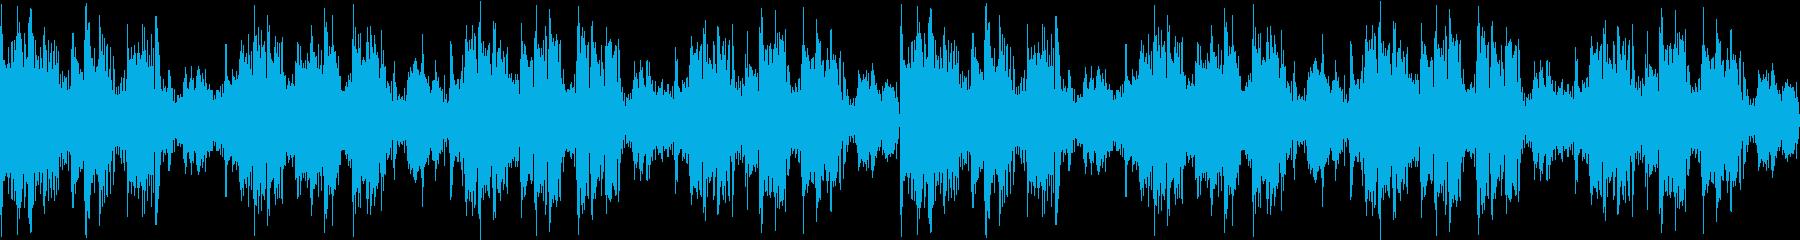 緊張感のあるテクノ風サウンドの再生済みの波形